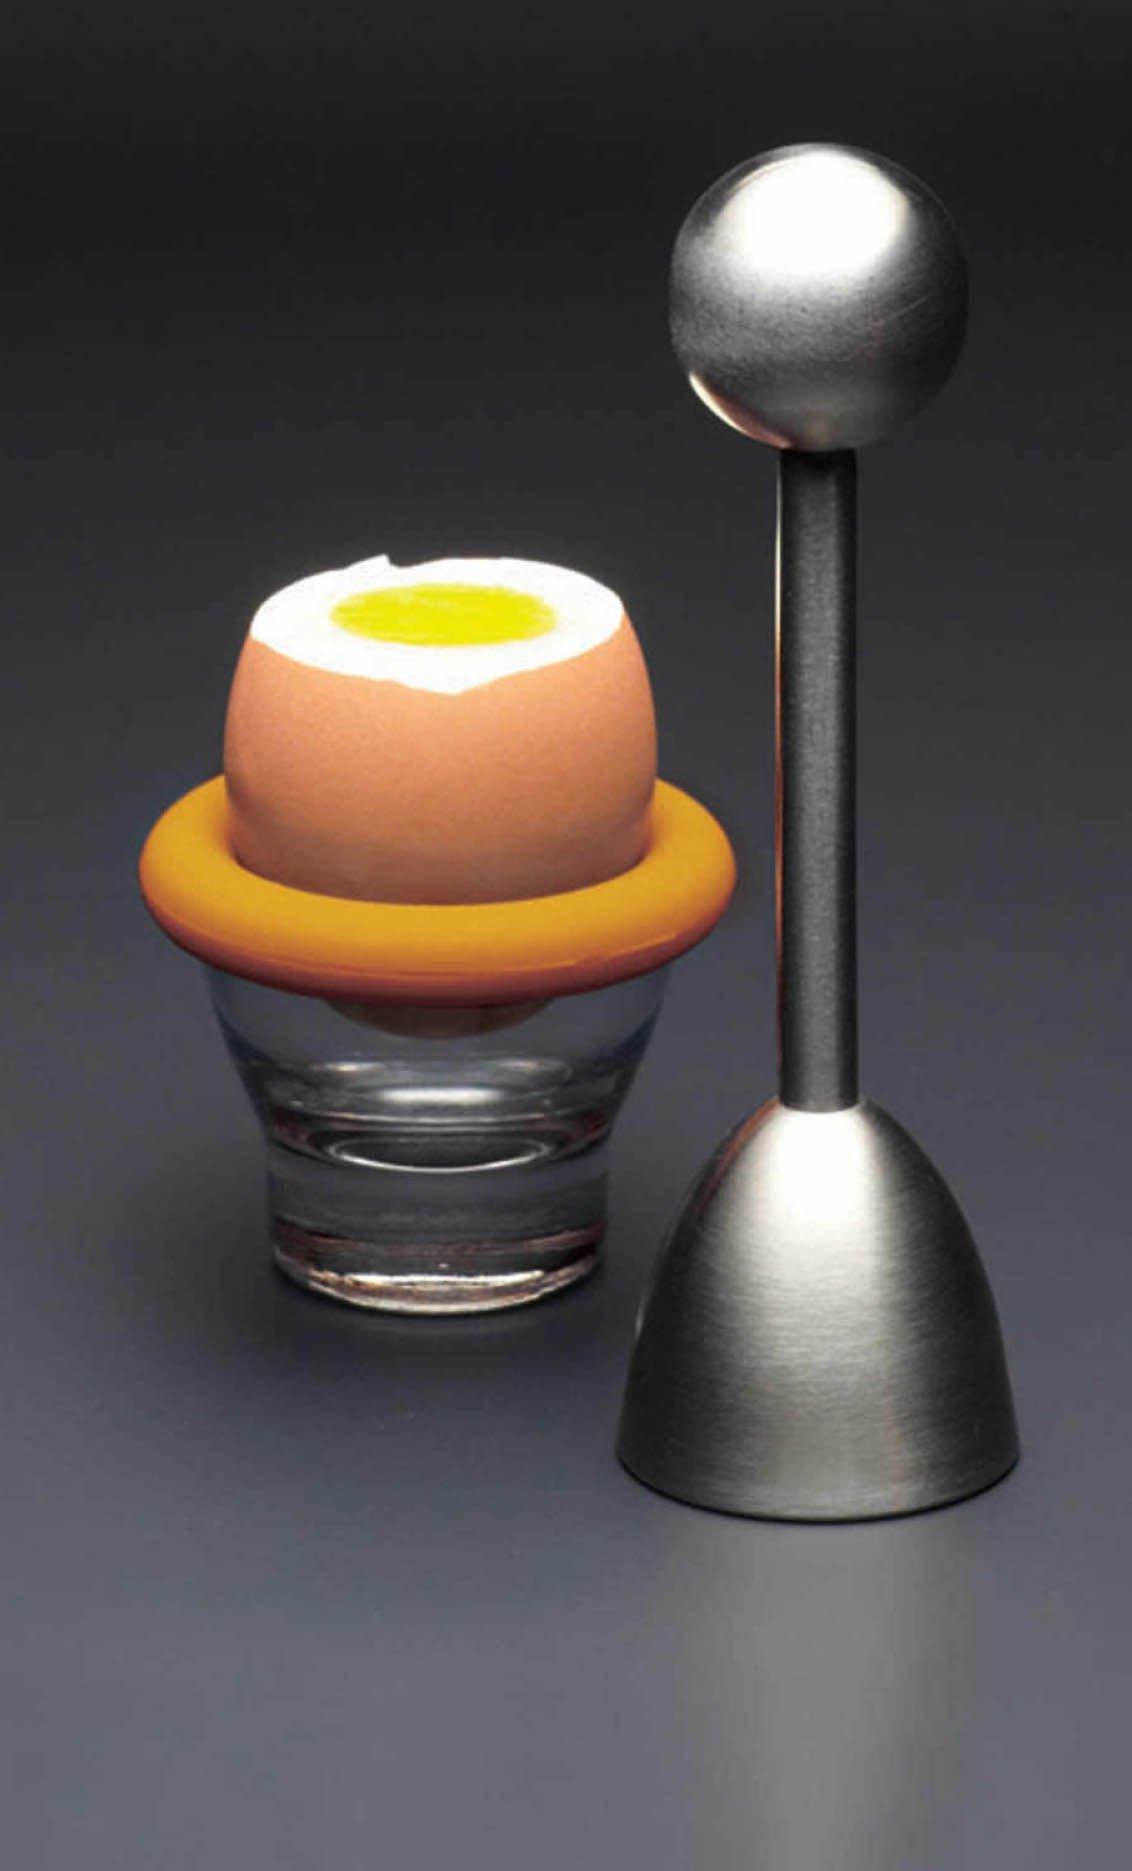 Masterclass Spring Loaded Egg Topper At Barnitts Online